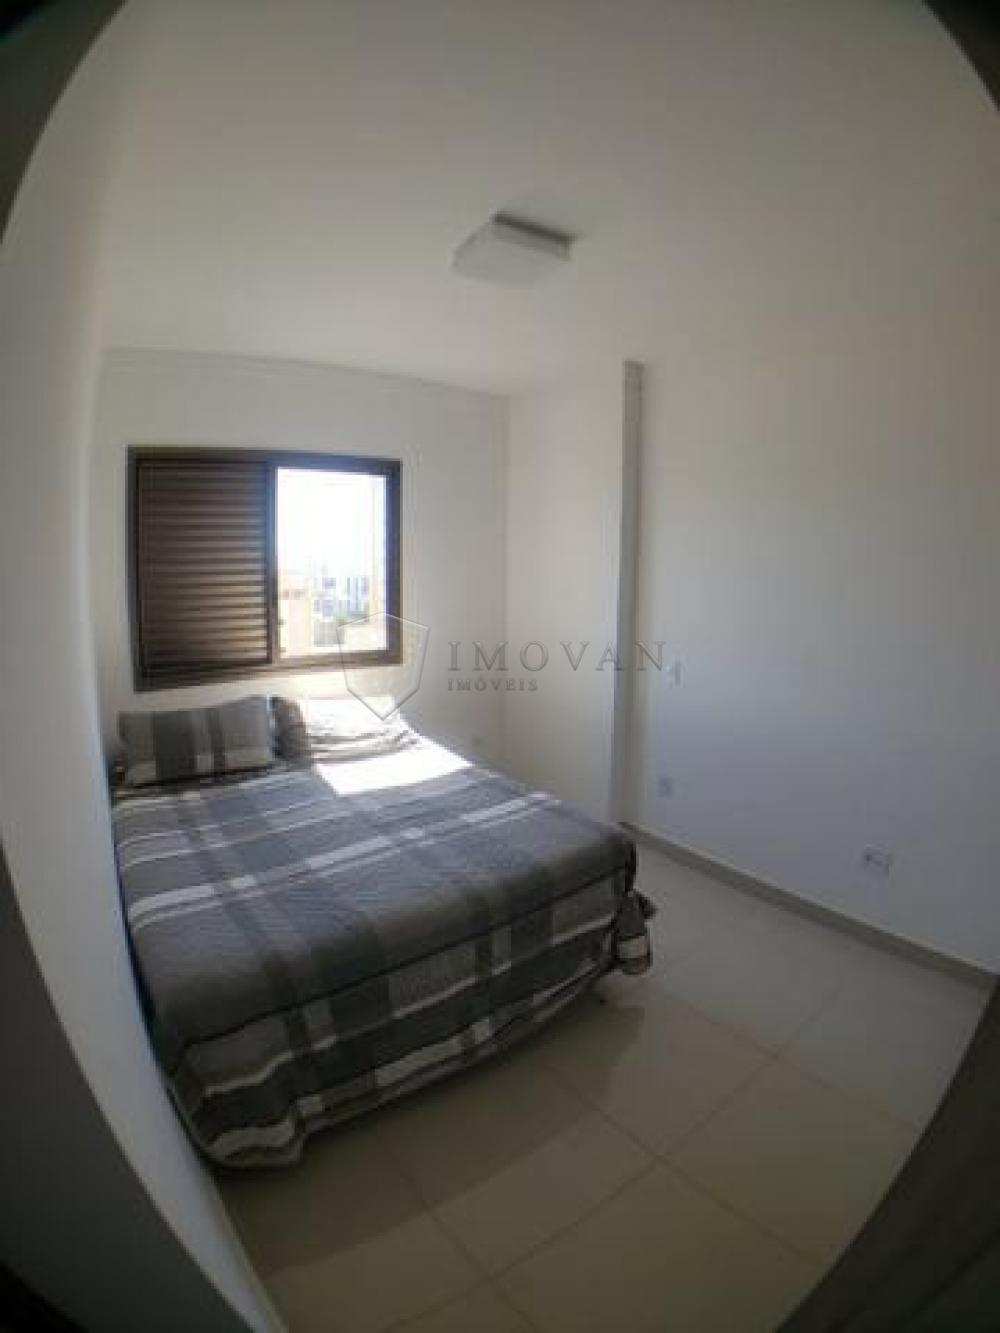 Comprar Apartamento / Padrão em Ribeirão Preto apenas R$ 580.000,00 - Foto 16